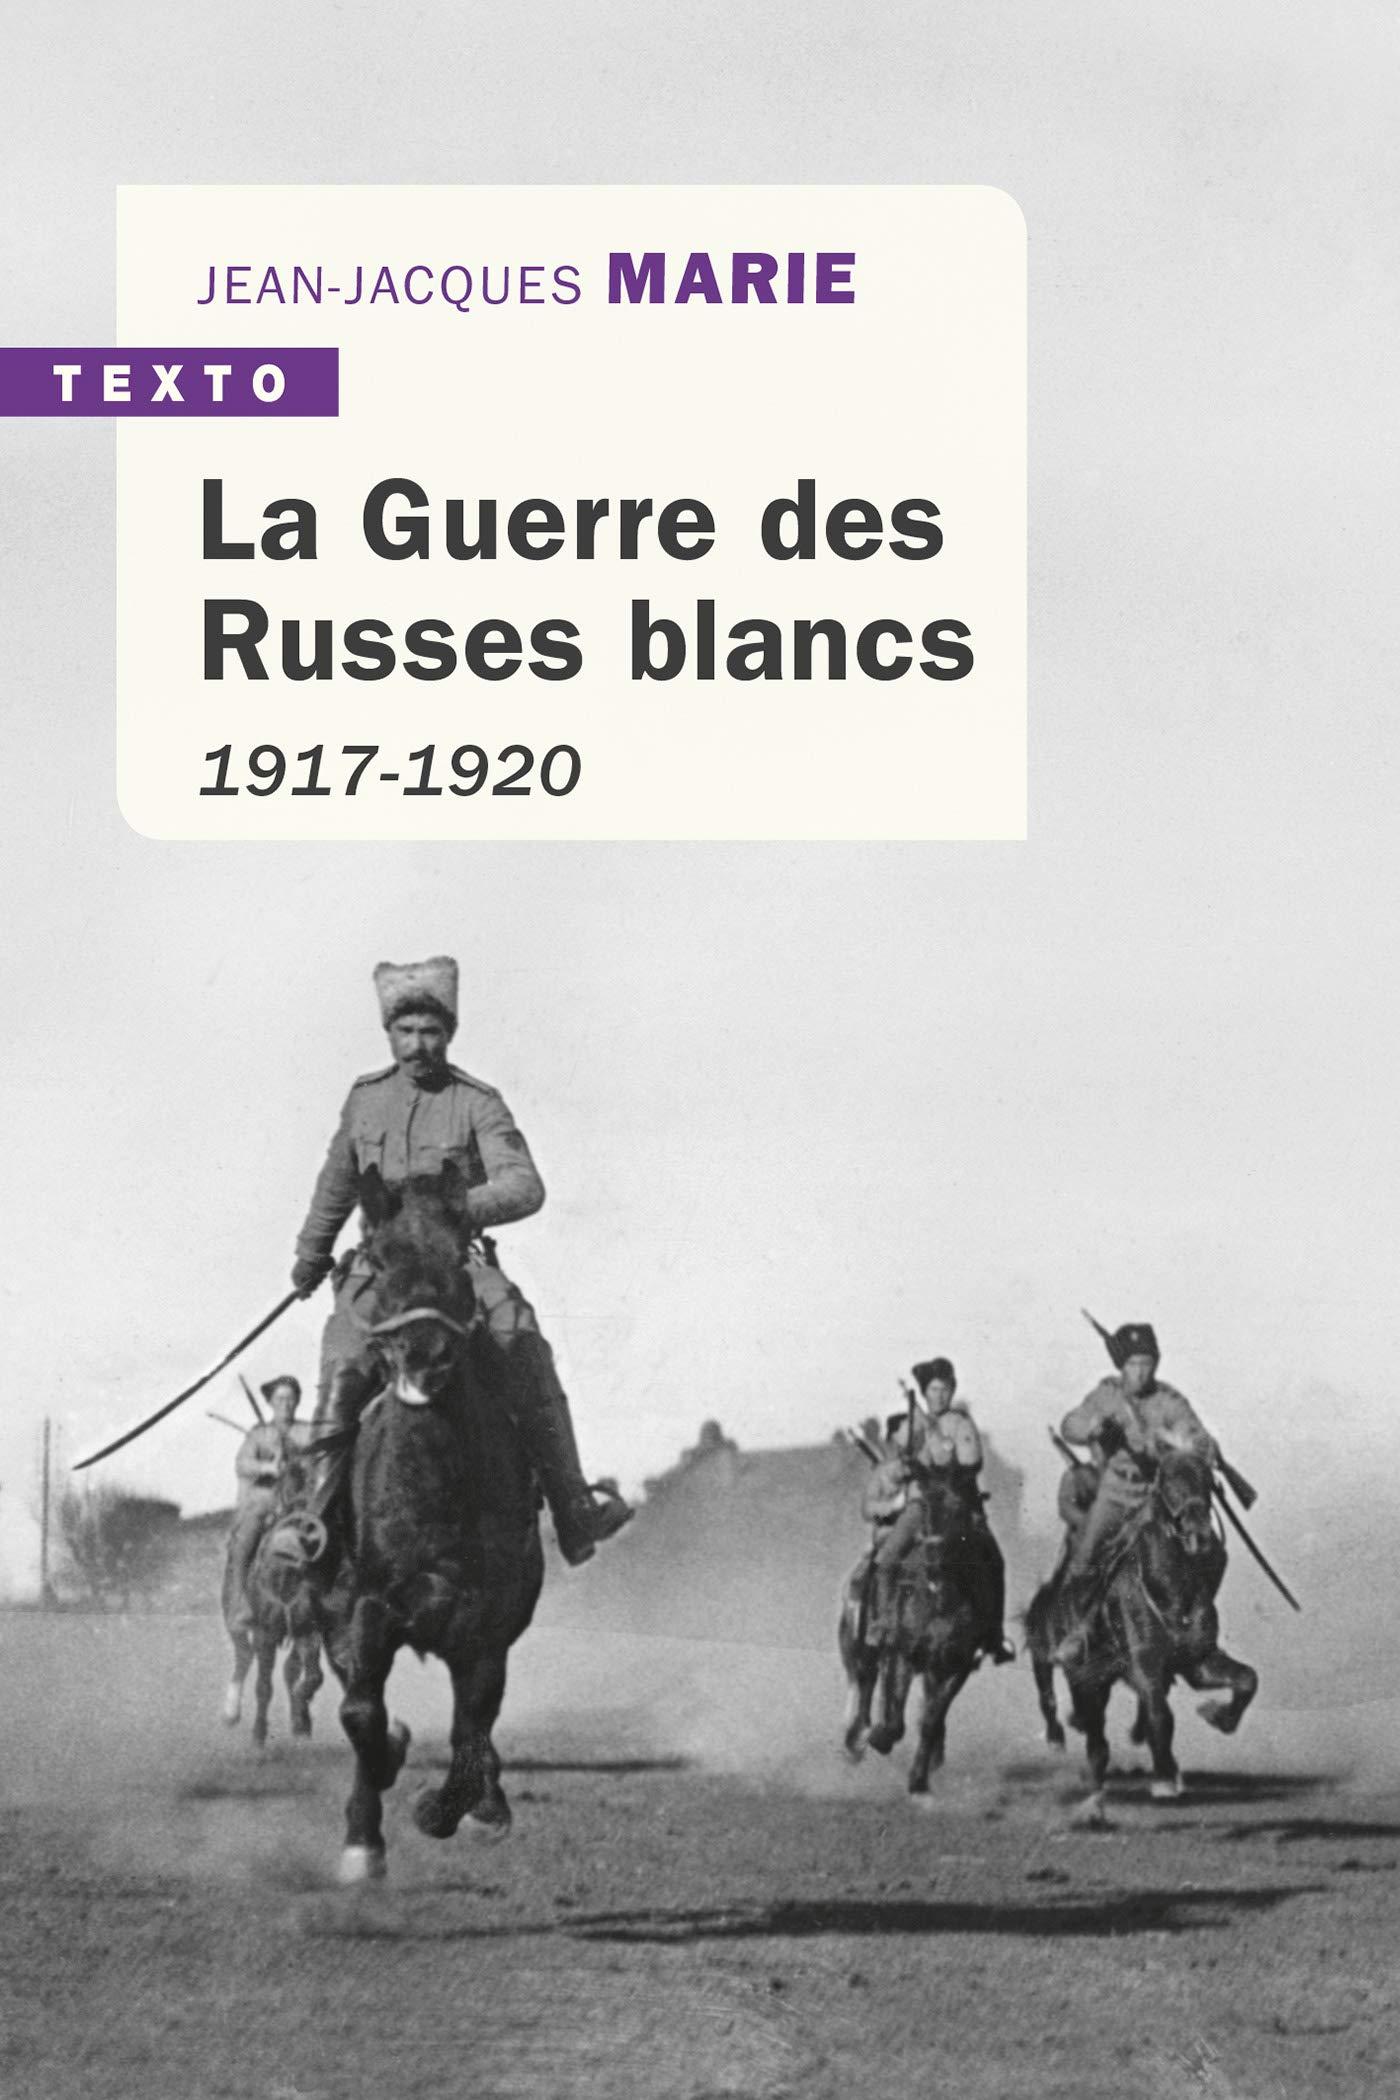 La Guerre des Russes blancs: 1917-1920